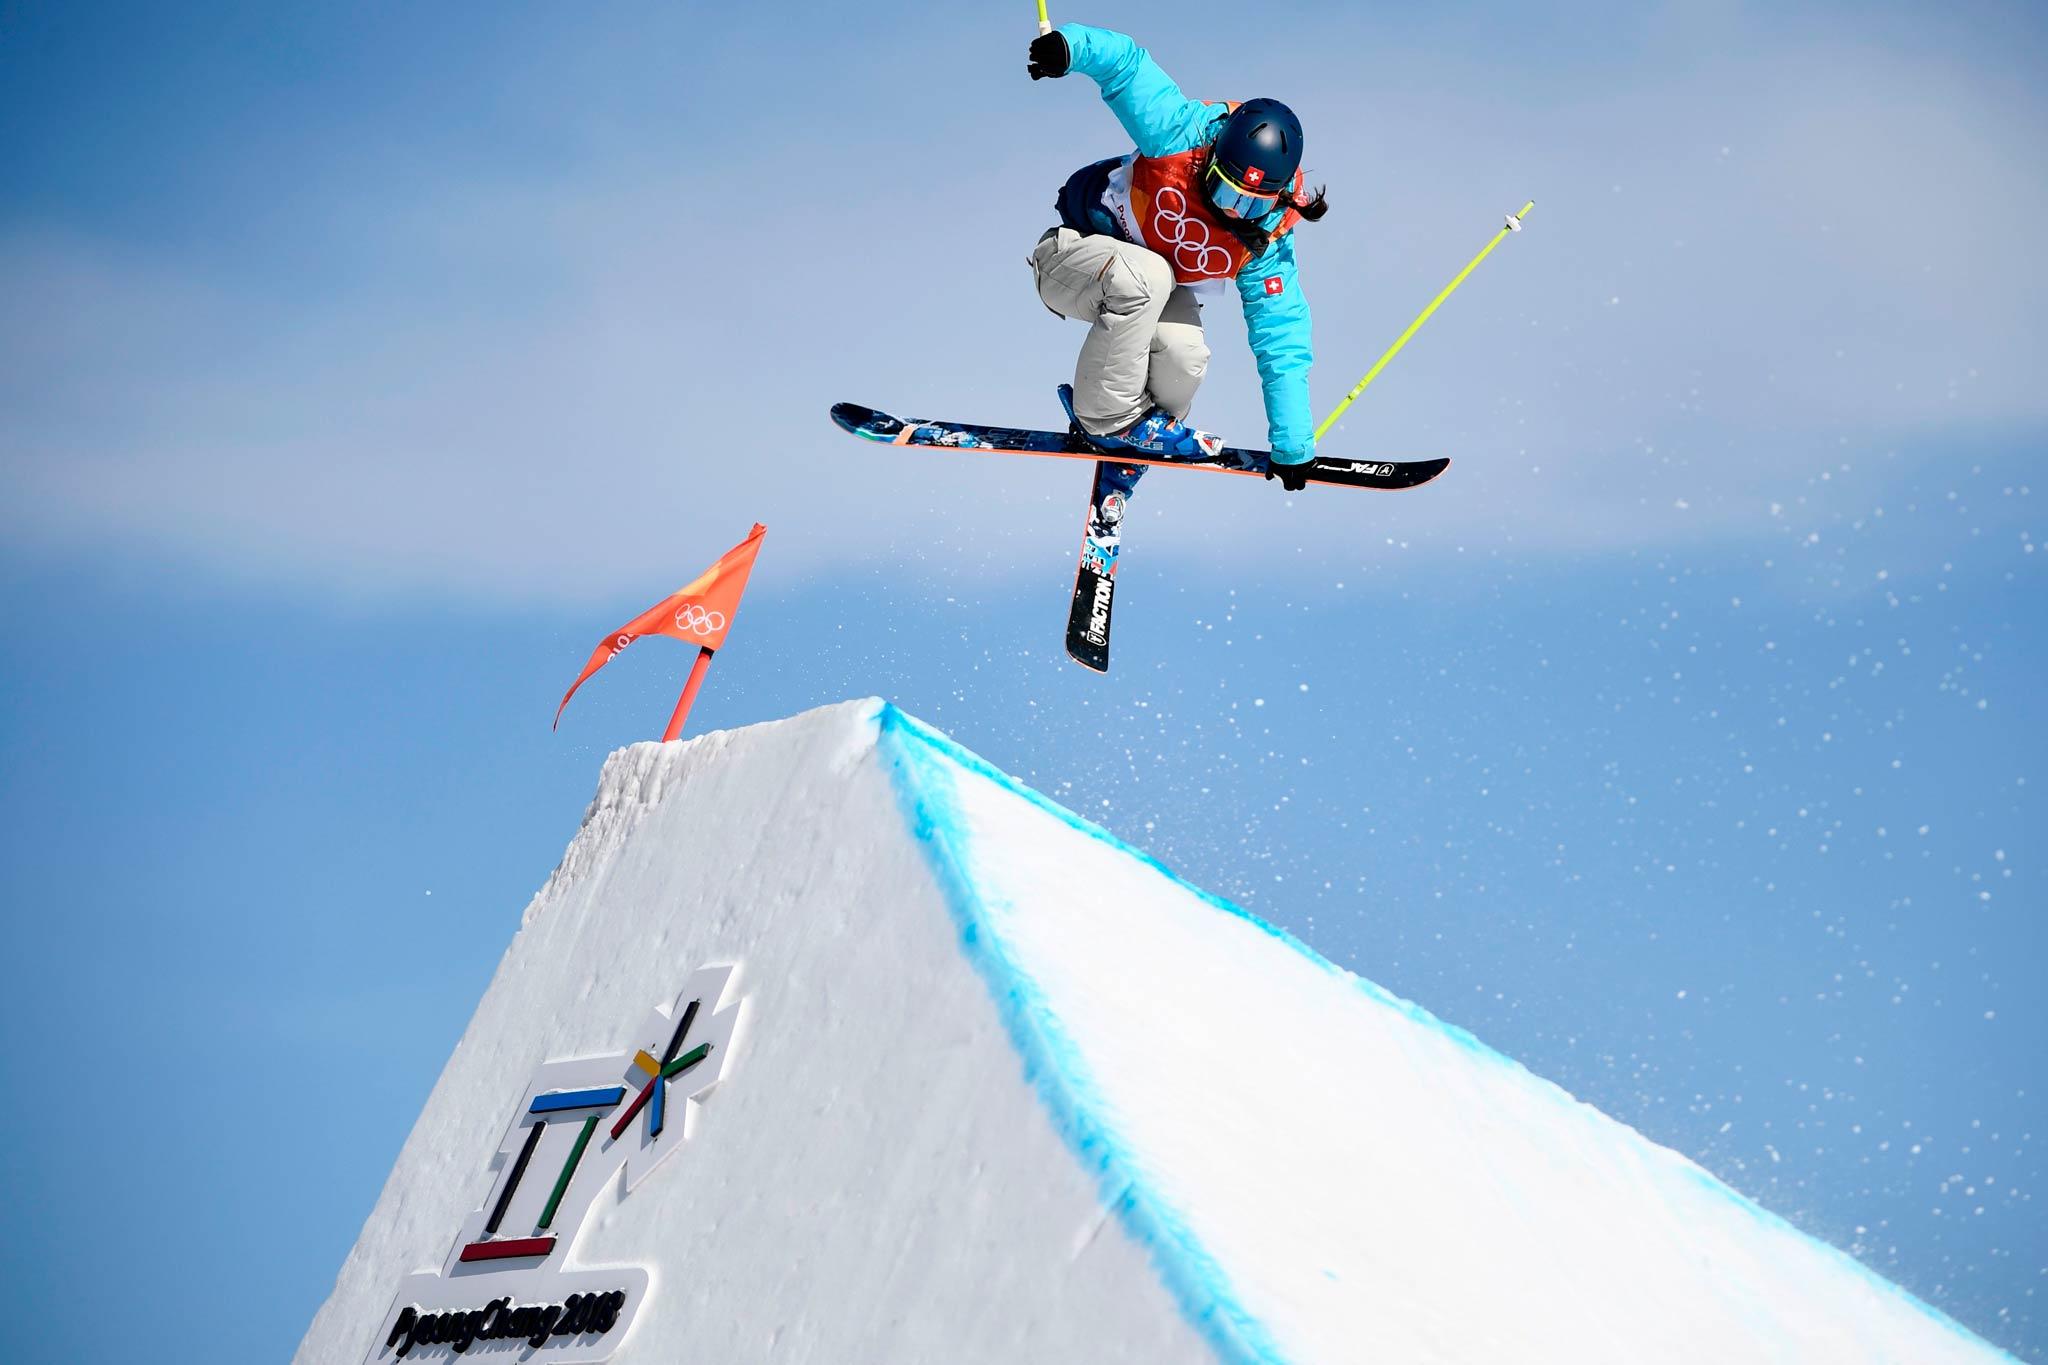 Die Siegerin der Goldmedaille Sara Hoefflin aus der Schweiz - Foto: Eurosport